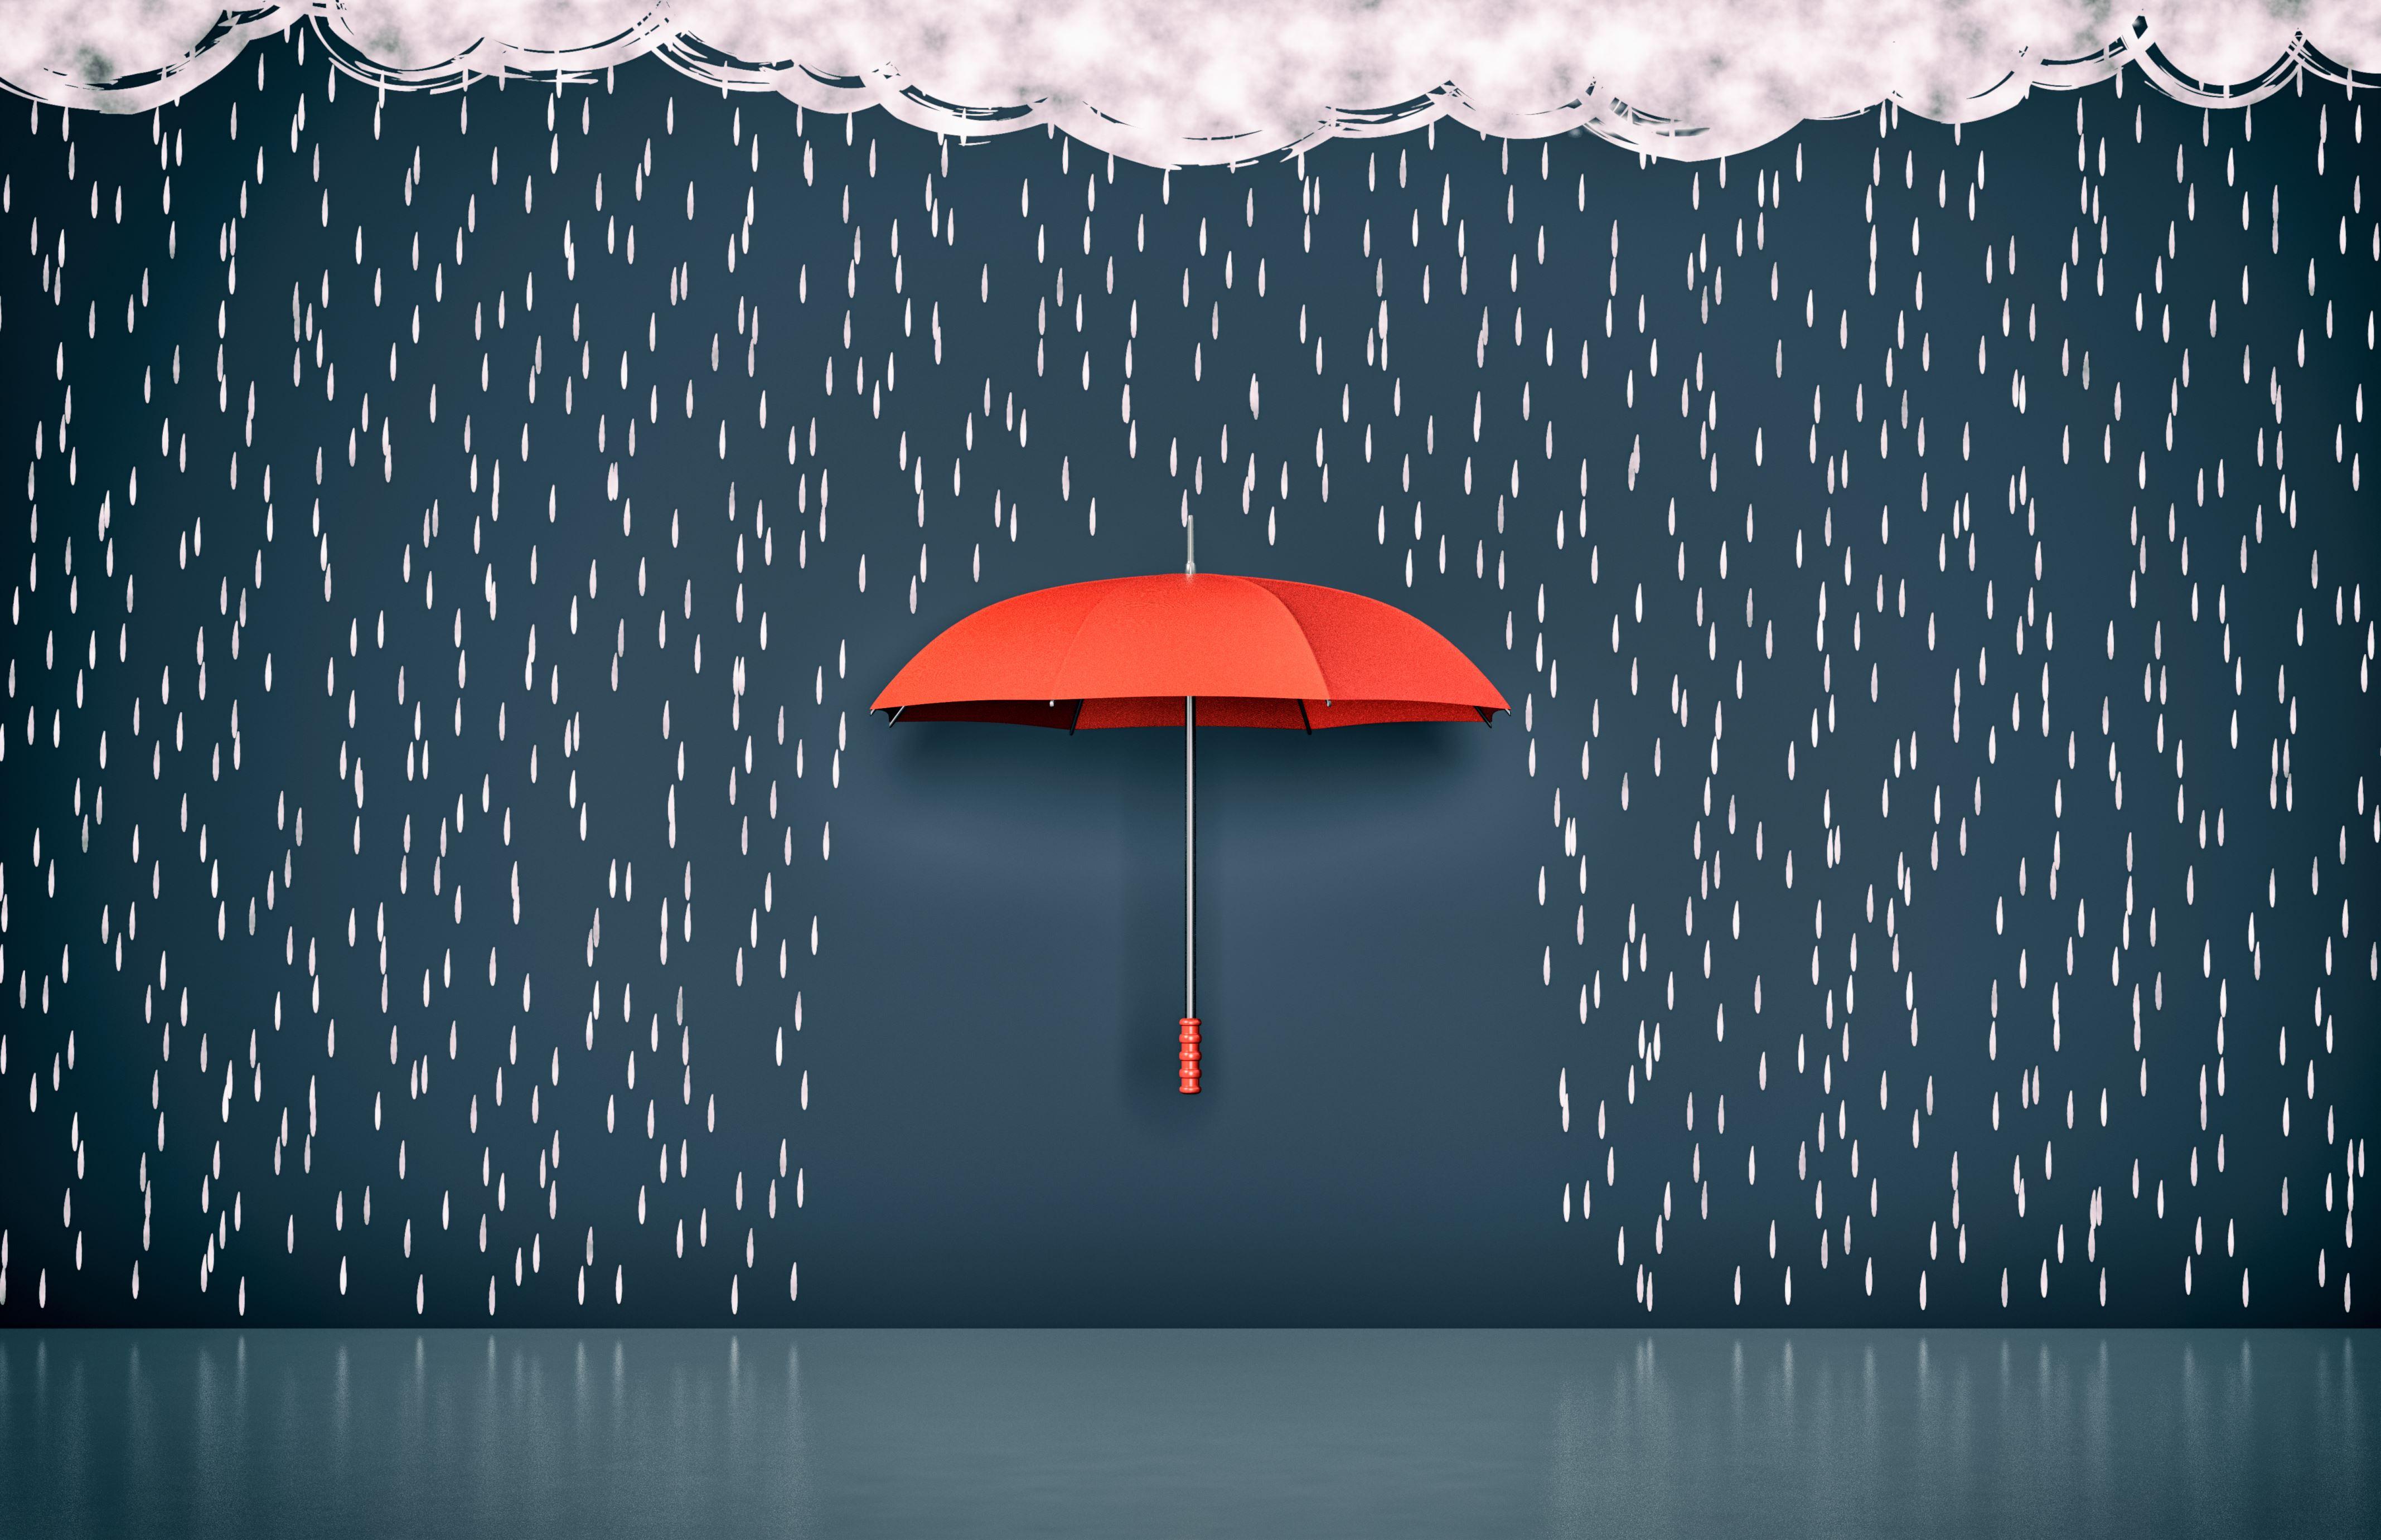 华北黄淮等地再迎强降雨 南方高温范围缩减闷热持续